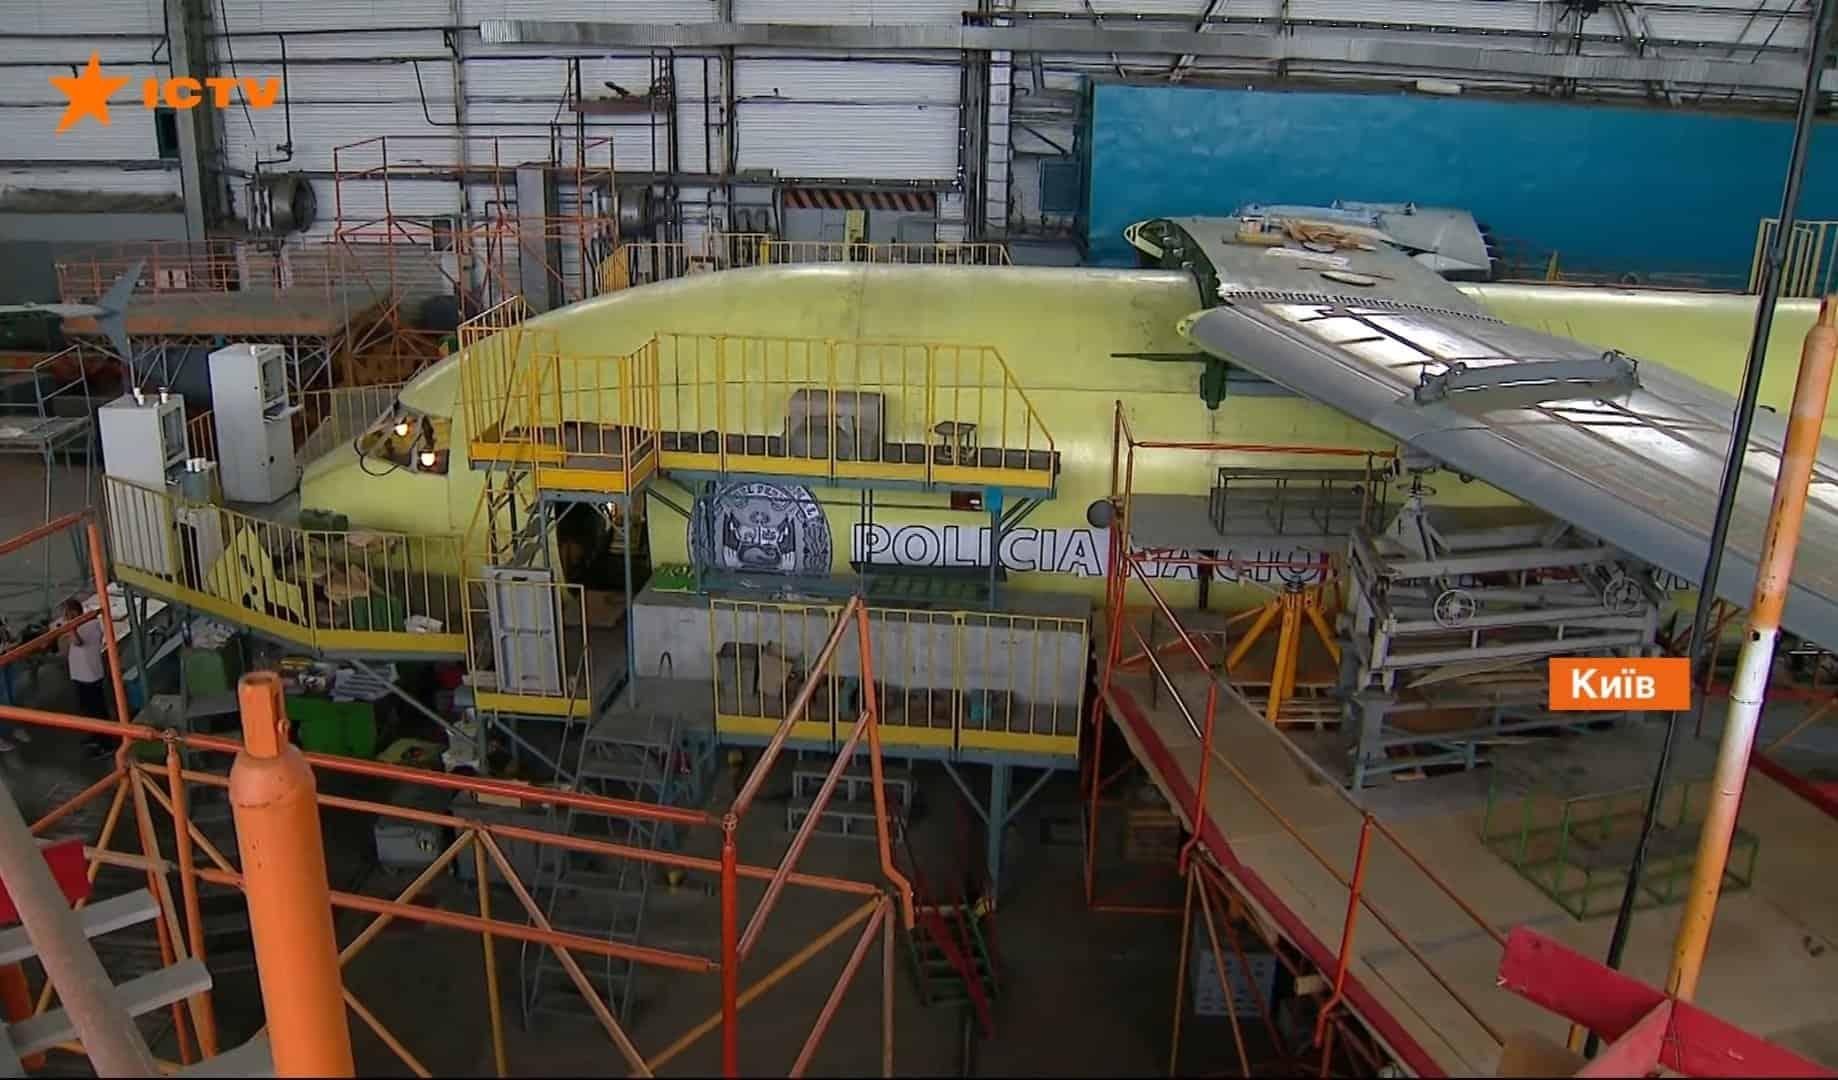 Літак Ан-178 для міністерства внутрішніх справ Перу перед встановленням та закріпленням крил